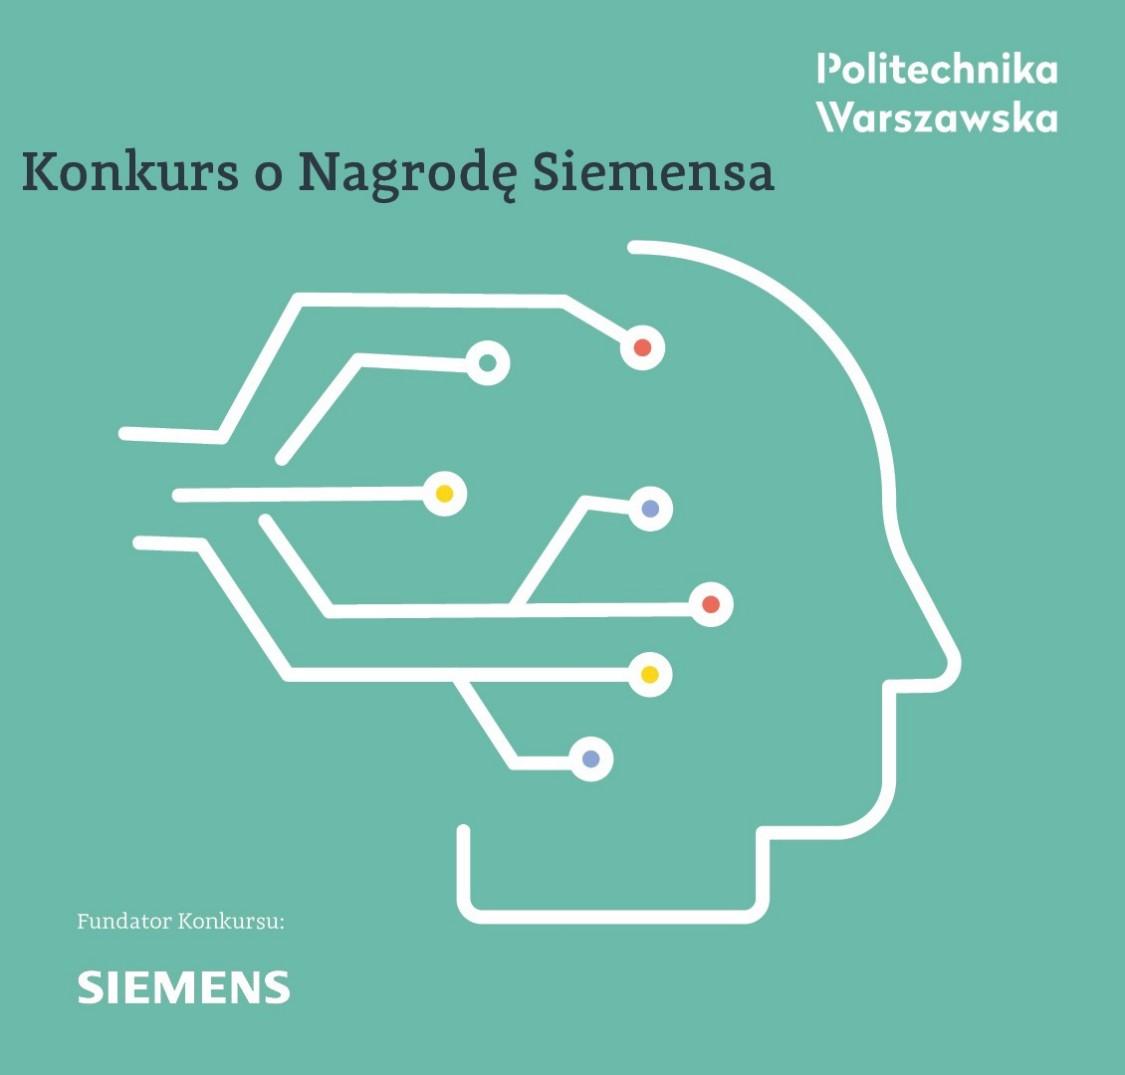 Konkurs o Nagrodę Siemensa